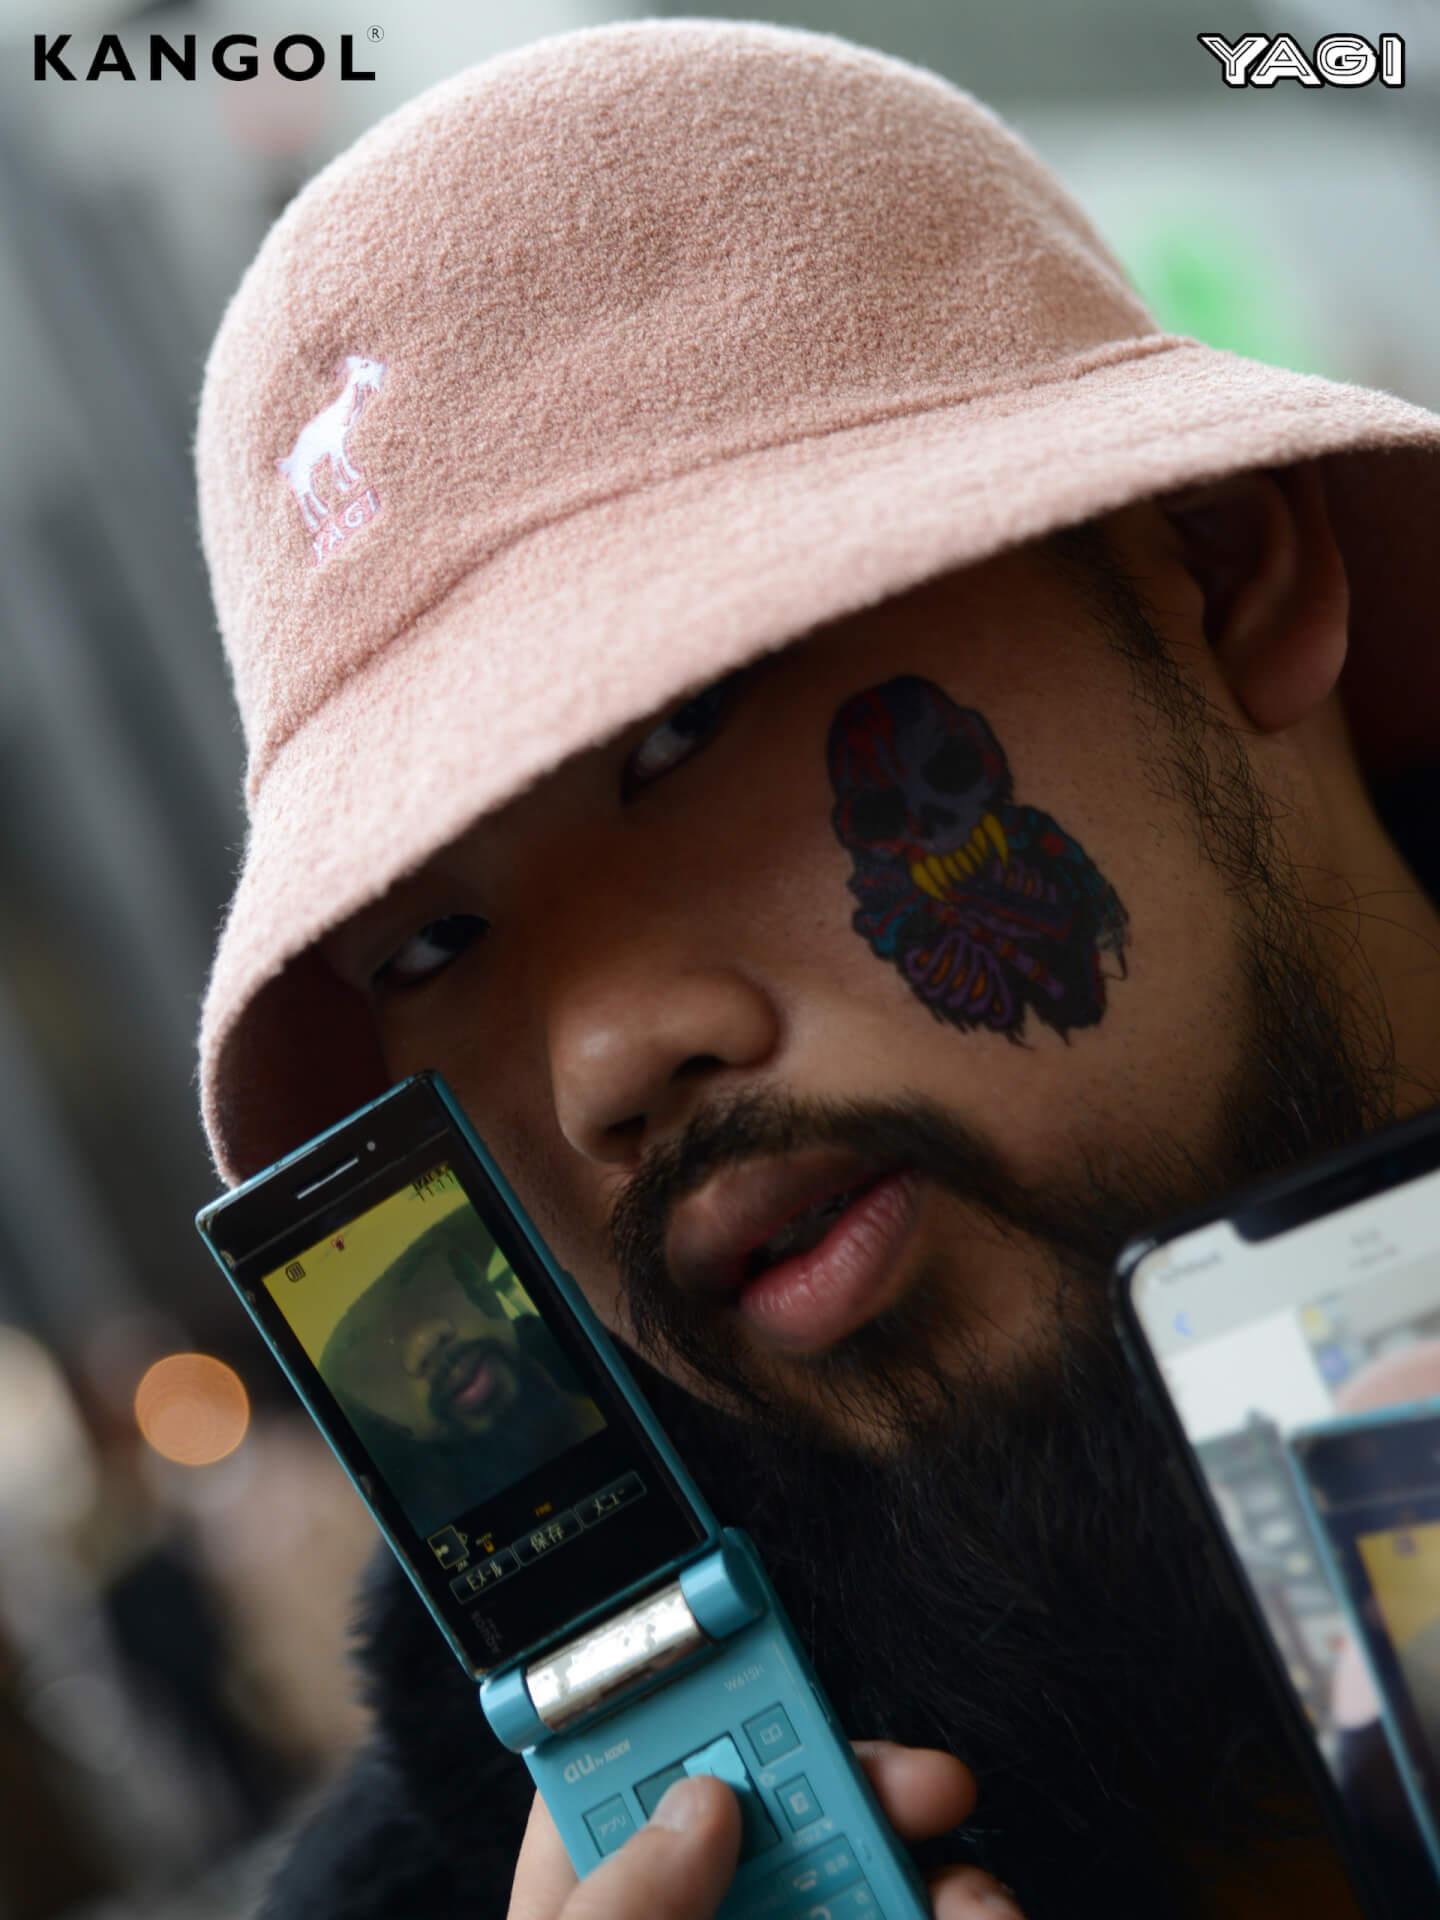 KANGOLがオカモトレイジ率いる「YAGI EXHIBITION」とコラボ|YAGIを配したオリジナルハット発売 life200302_yagi_kangol_11